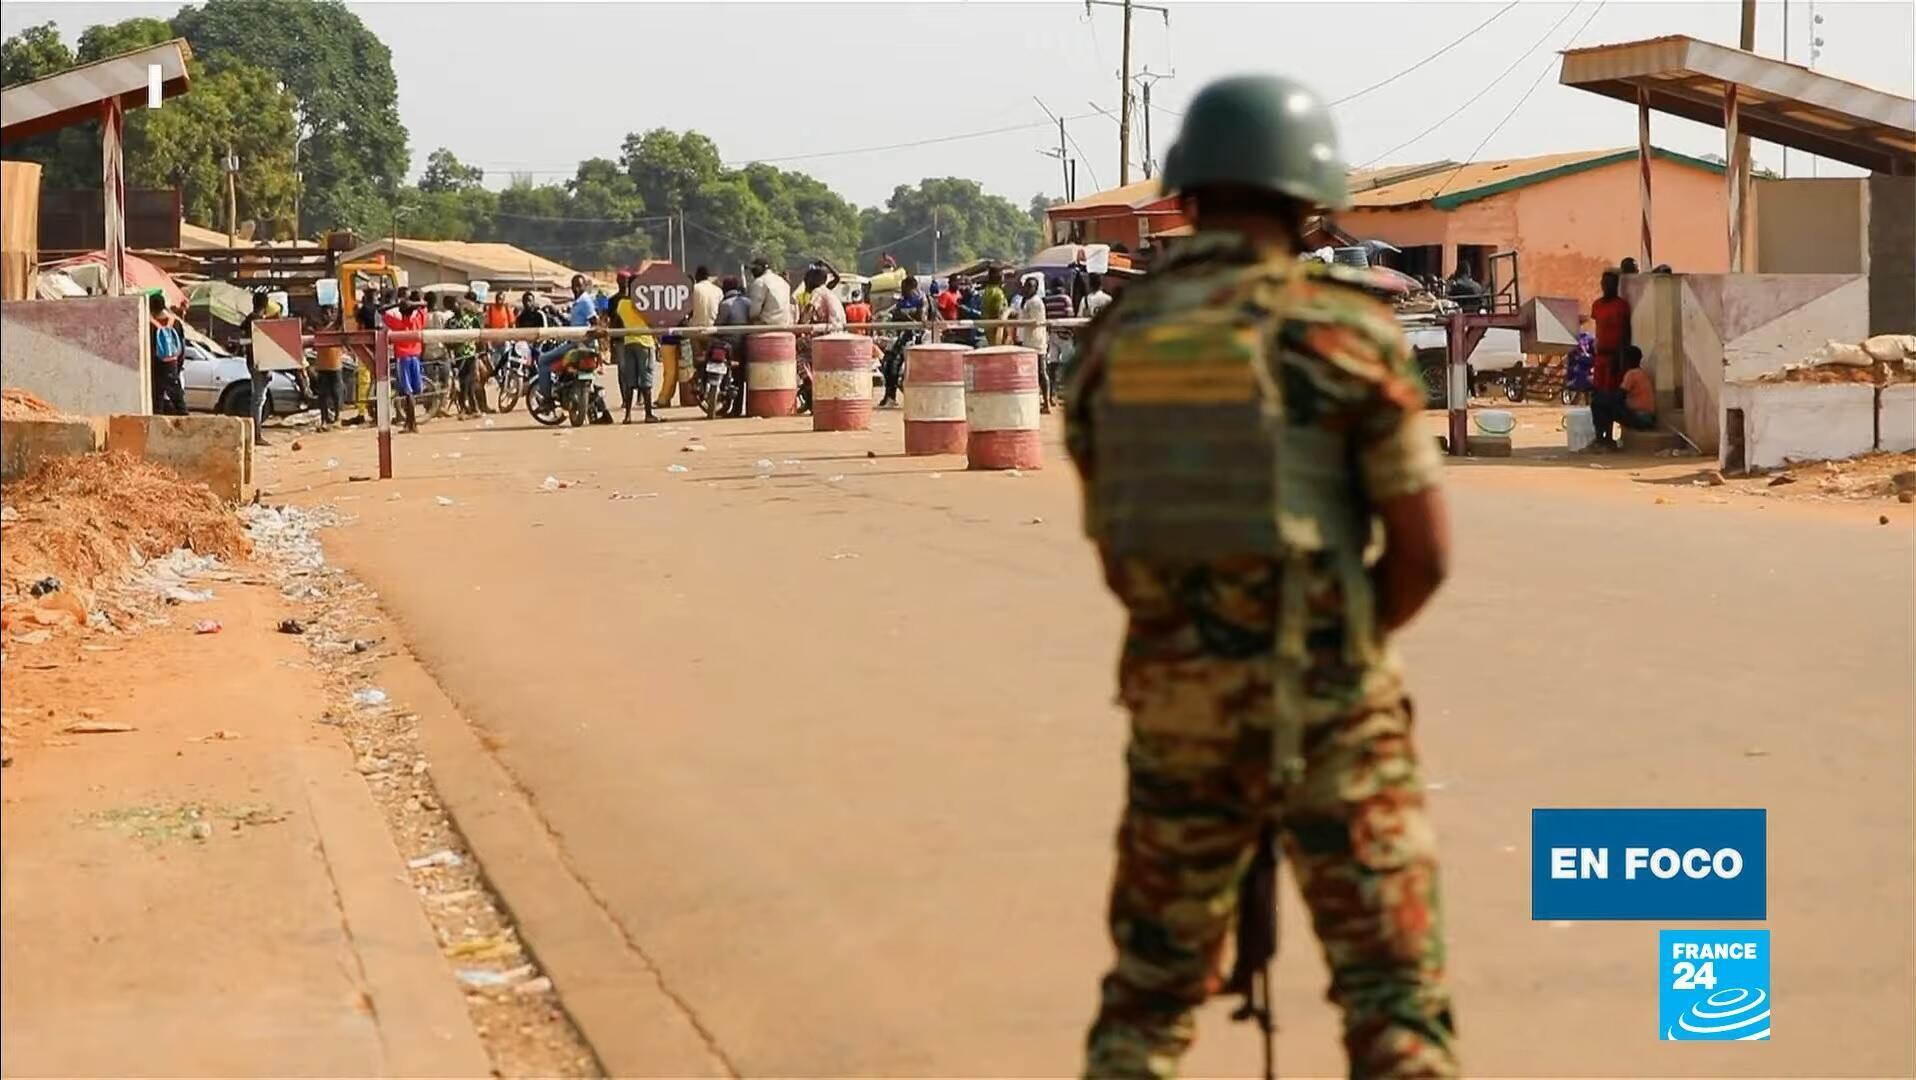 en foco - RCA  frontera Camerún